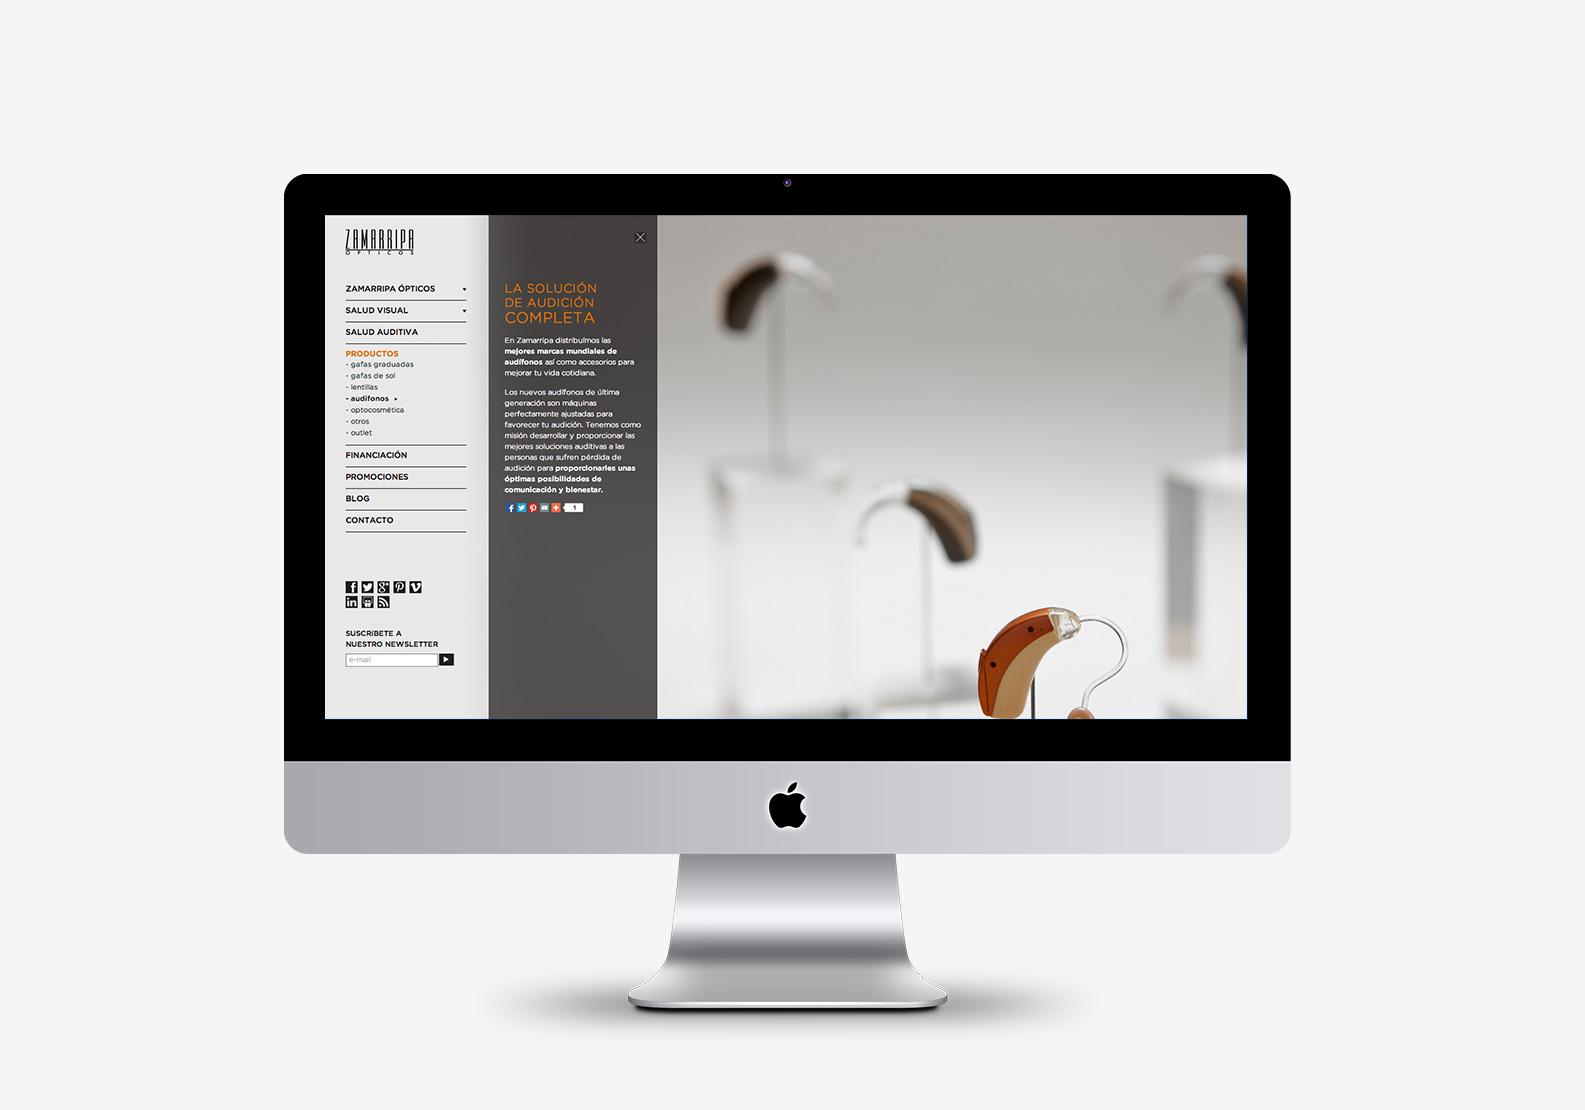 28c0e10d2a Lombok Design ha diseñado la web de Óptica Zamarripa. | Blog ...